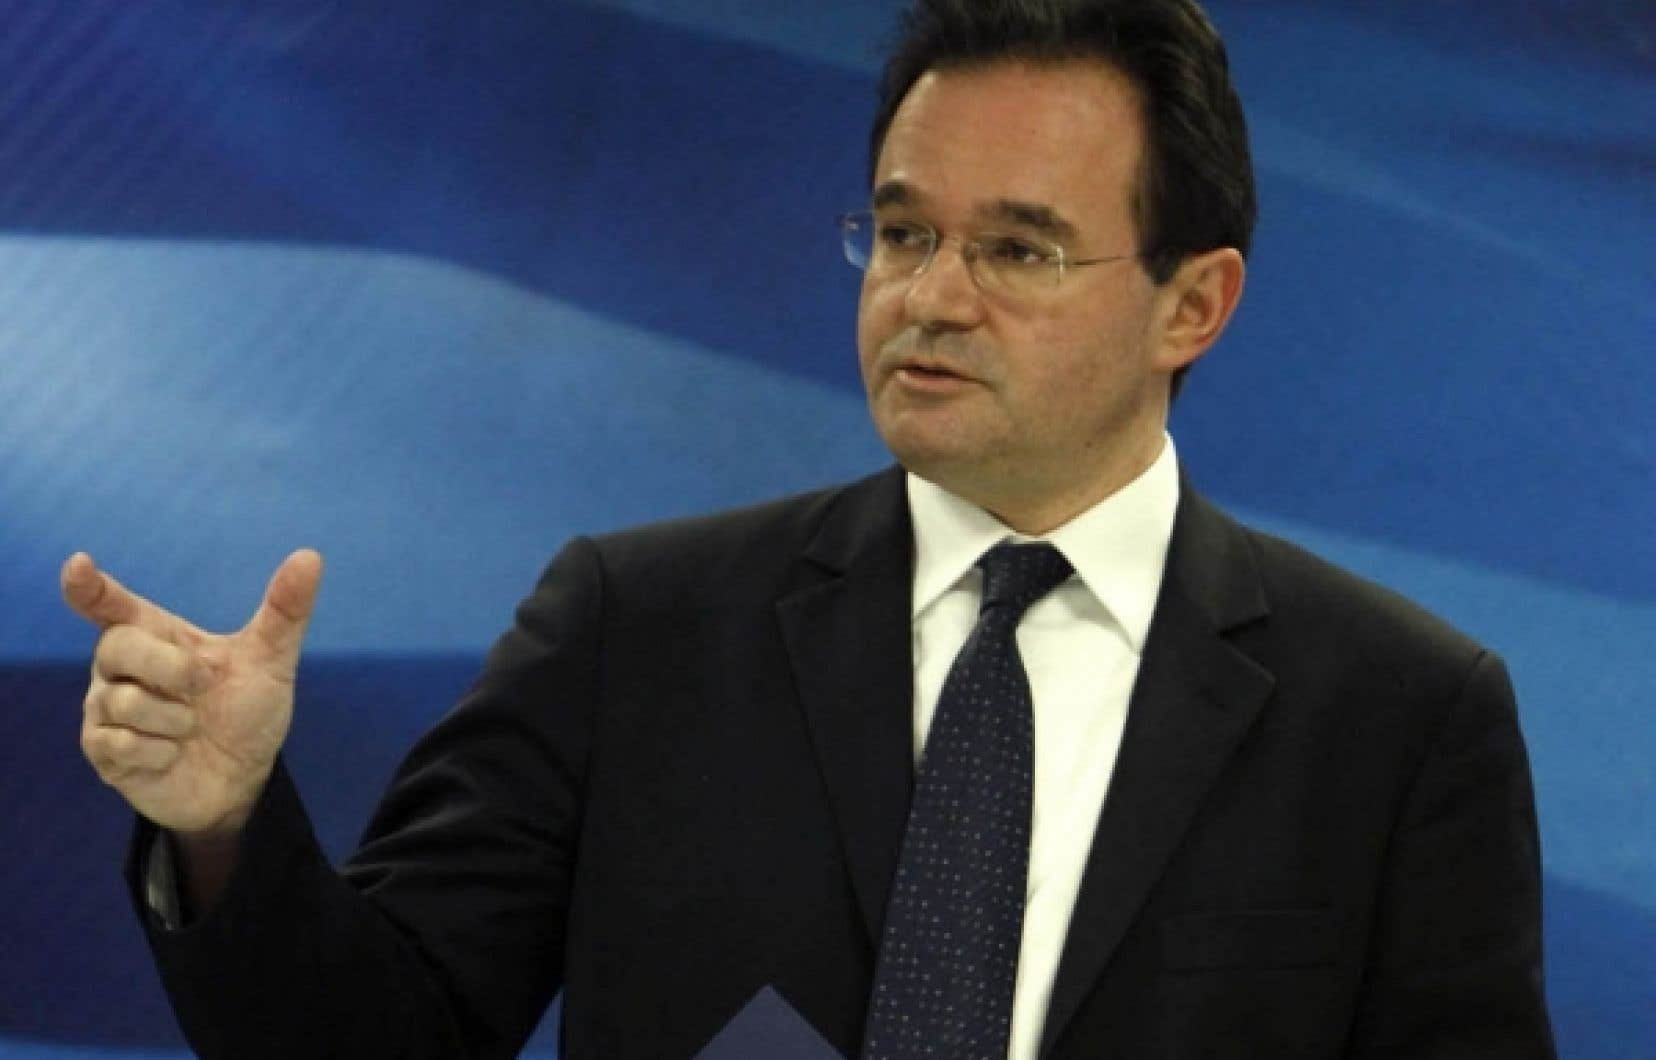 Le ministre grec des Finances, George Papaconstantinou, et son gouvernement s'évertuent à démontrer leur détermination à redresser la situation financière de leur pays.